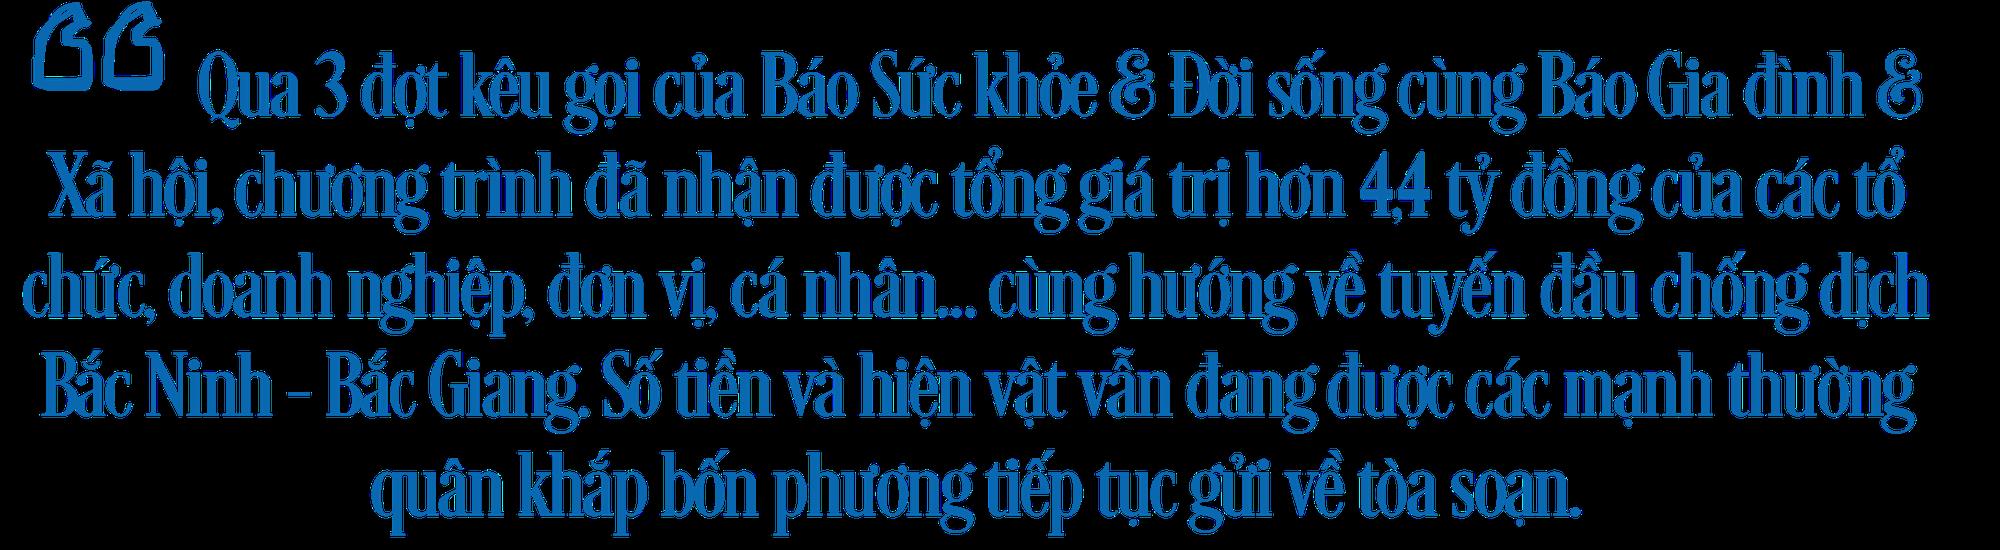 Hơn 2,5 tỷ đồng gửi tới tuyến đầu chống dịch Bắc Giang, Bắc Ninh - Ảnh 1.